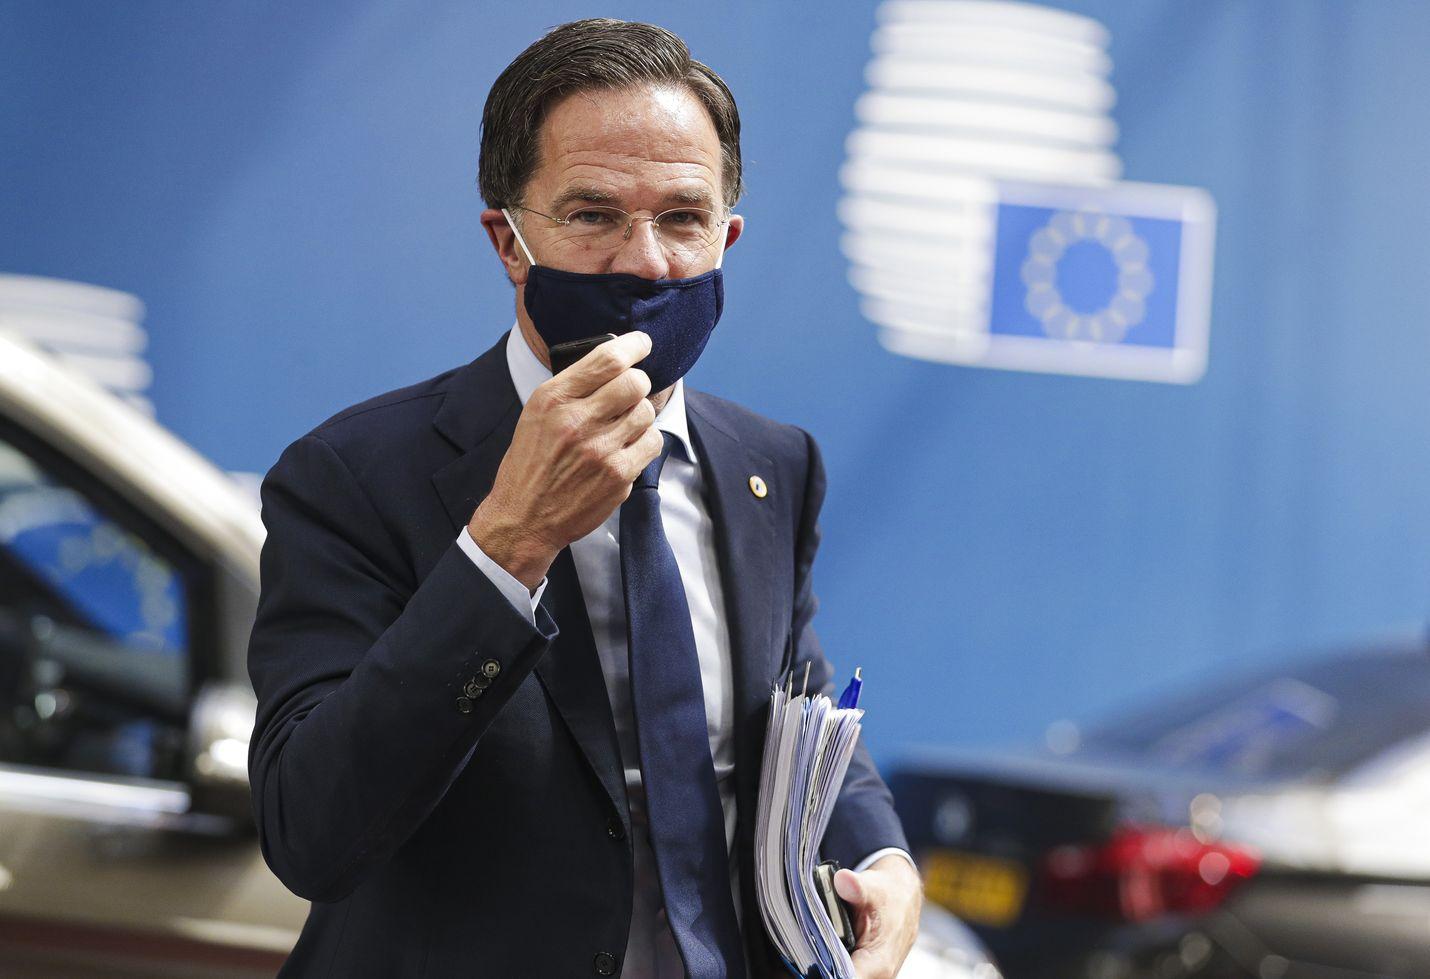 Hollannin pääministeri Mark Rutte on ollut kokouksessa näkyvin aiemman tukipakettiesityksen vastustaja. Hänkin oli maanantaina kuitenkin jo tyytyväinen neuvottelujen edistymiseen.